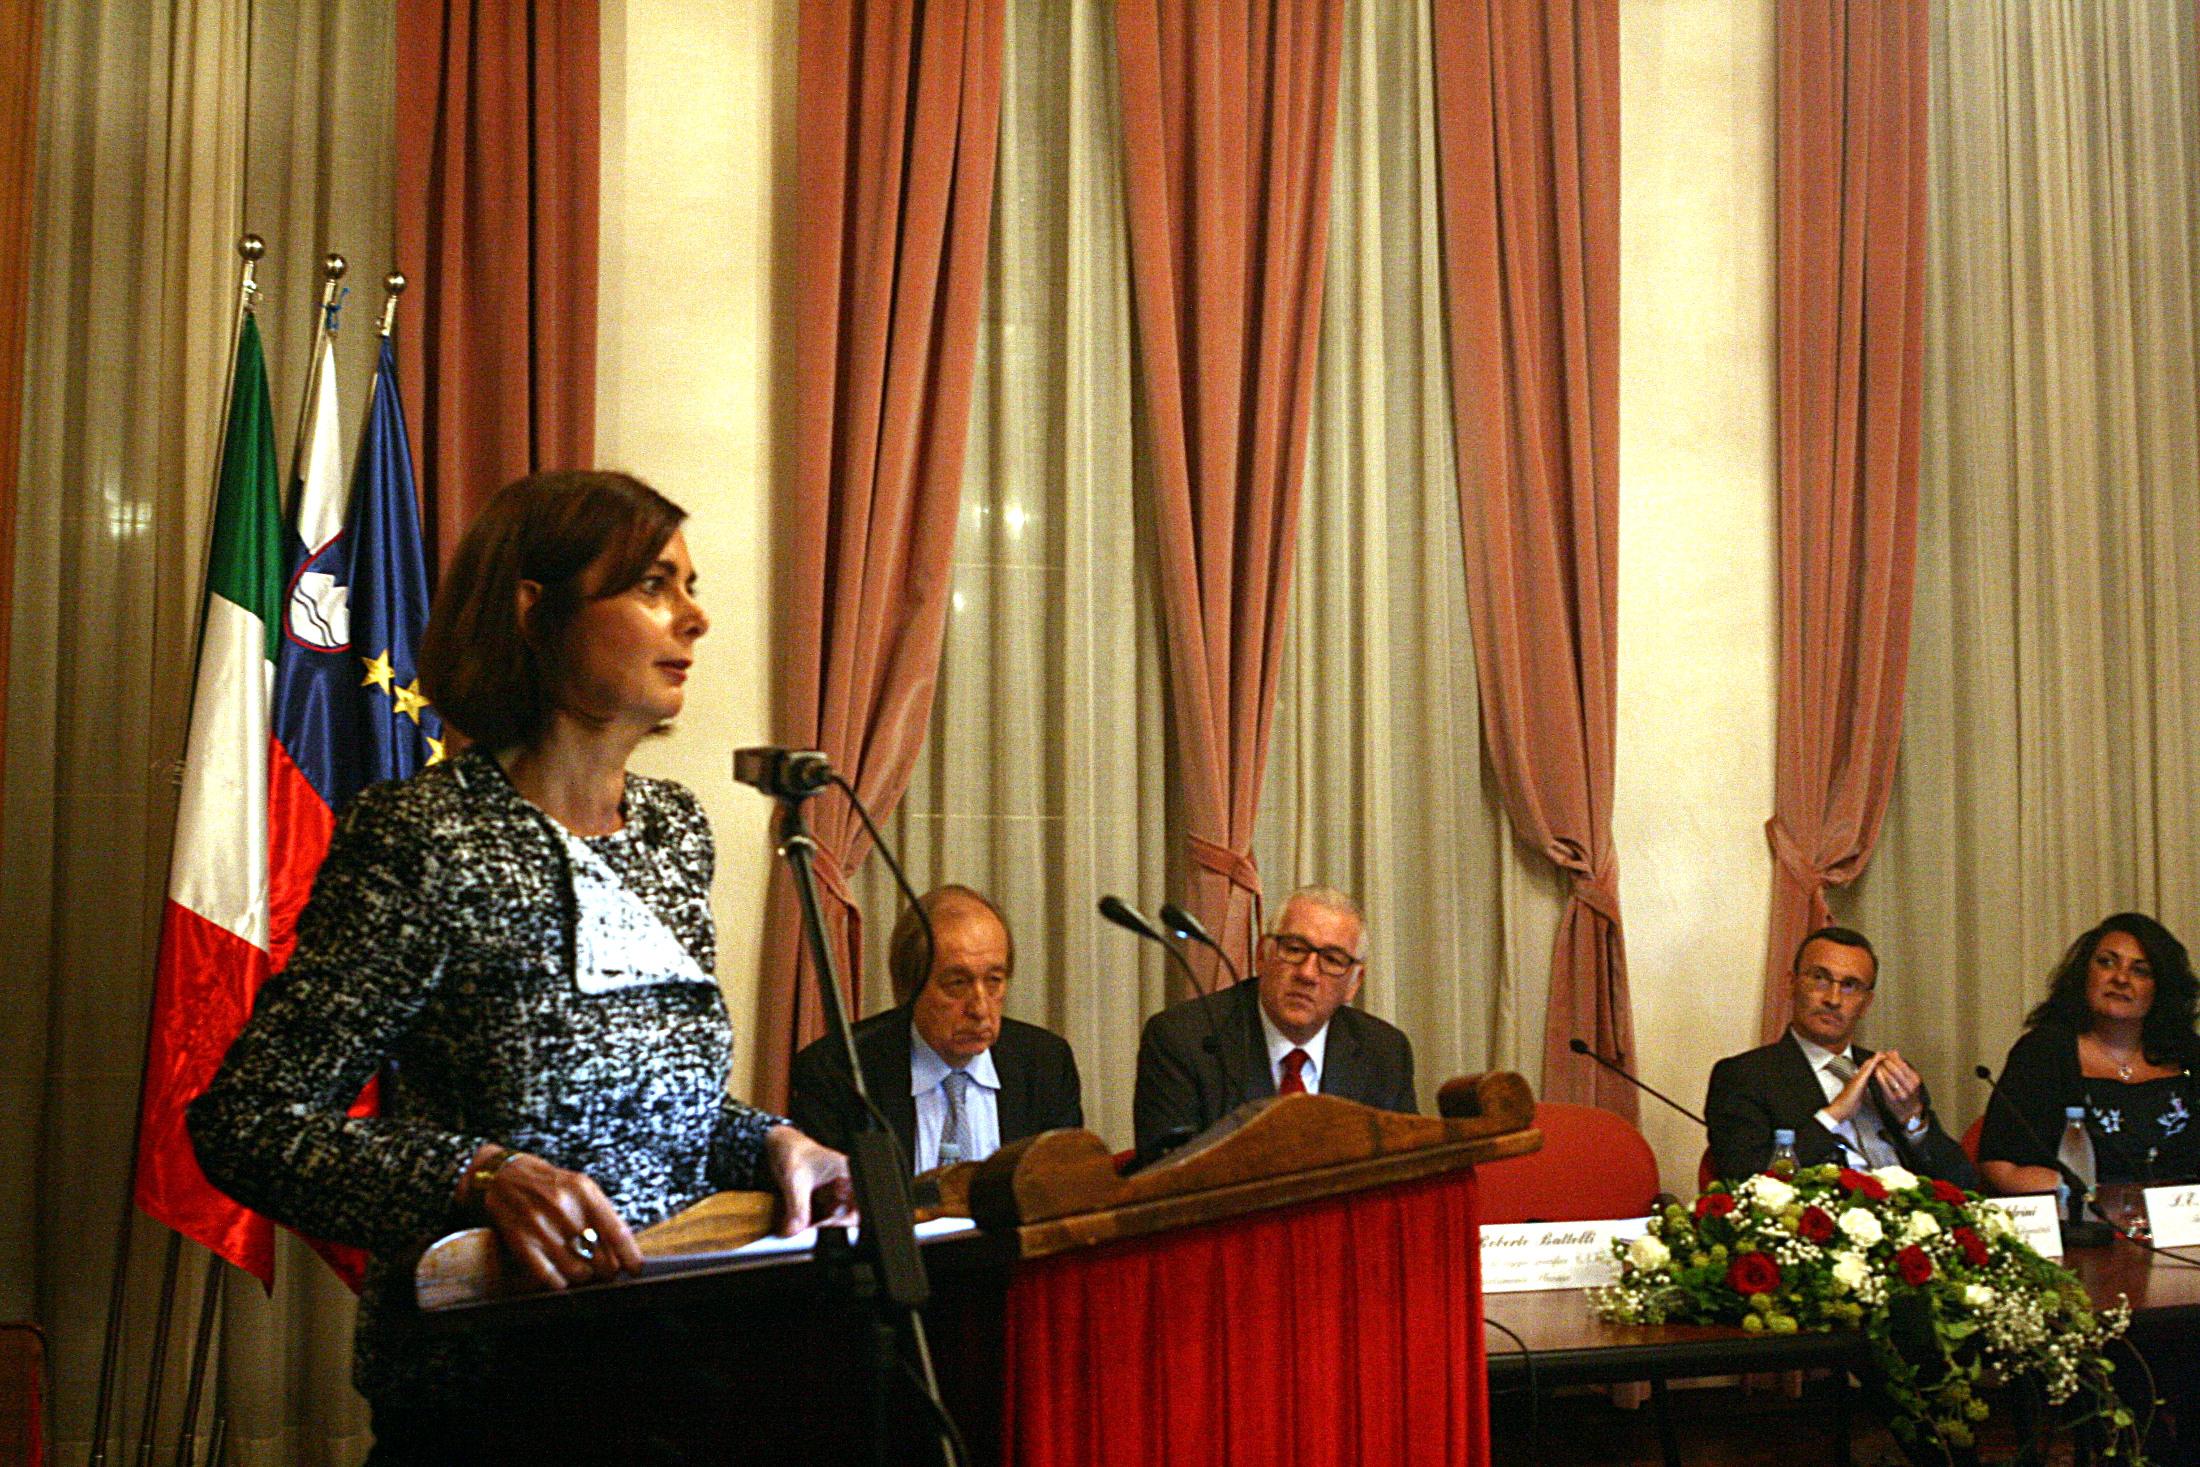 Discorso Camera Boldrini : La presidente della camera laura boldrini in slovenia il mandracchio